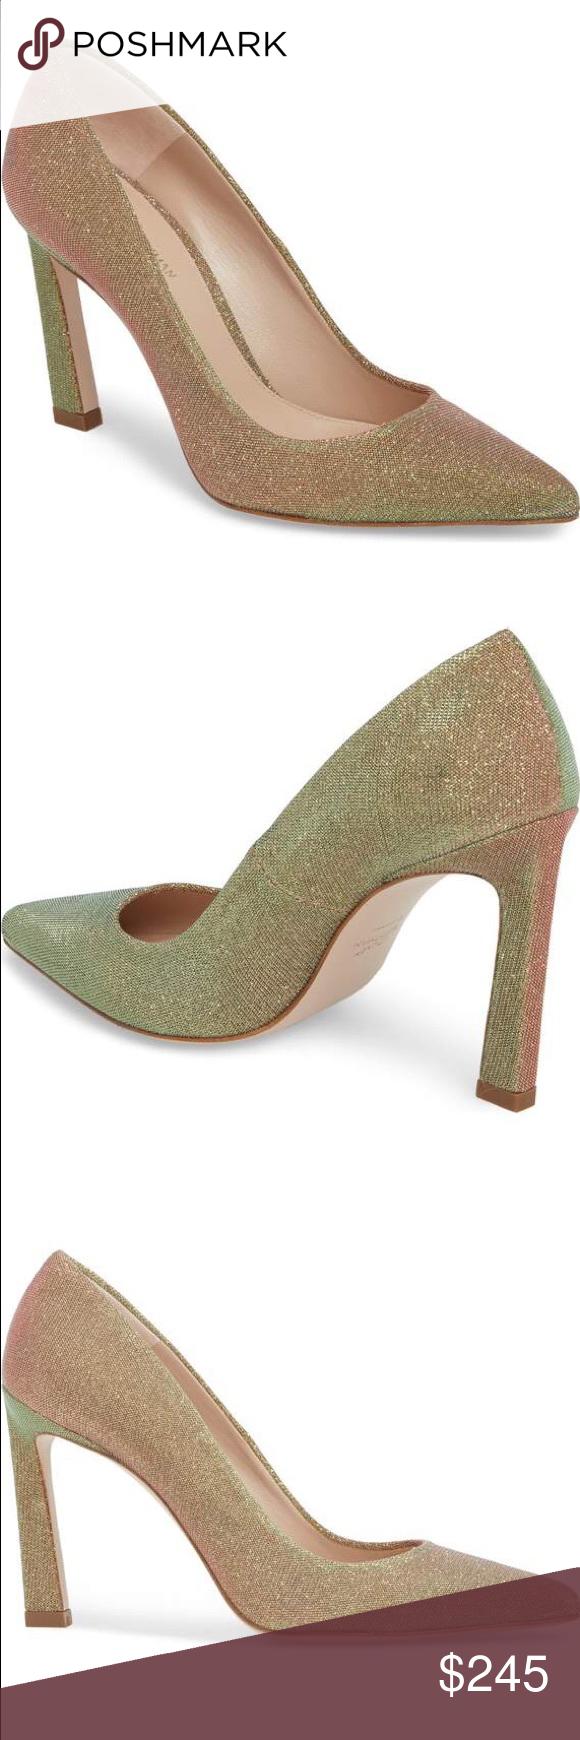 d7195257464 Unworn Stuart Weitzman chicster pump. Size 6. Unworn Stuart Weitzman gold  chicster pump. Size 6. Stuart Weitzman Shoes Heels